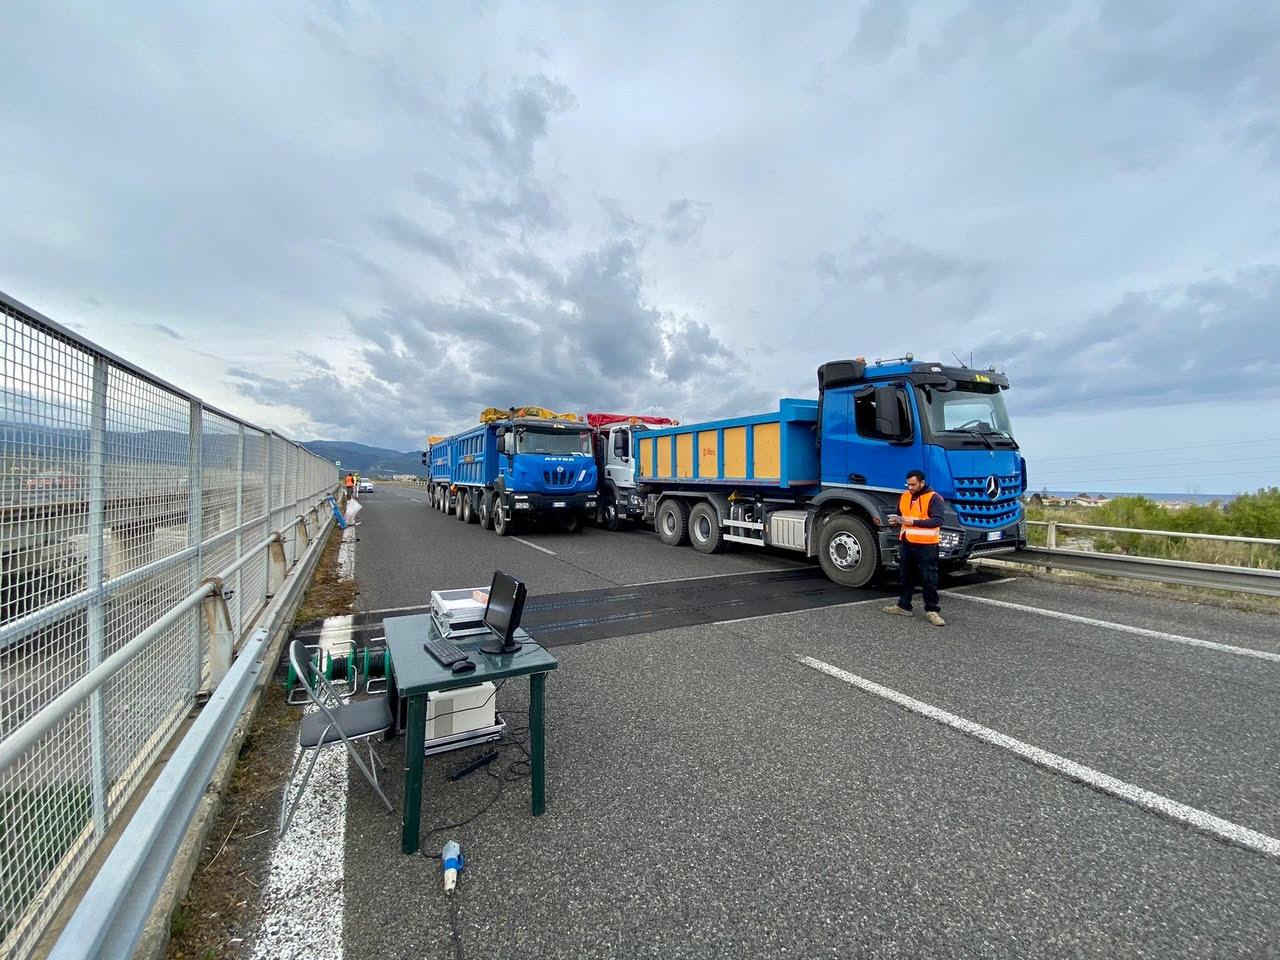 Autostrada A20 Messina-Palermo: in corso accertamenti strutturali sul Viadotto Mazzarà